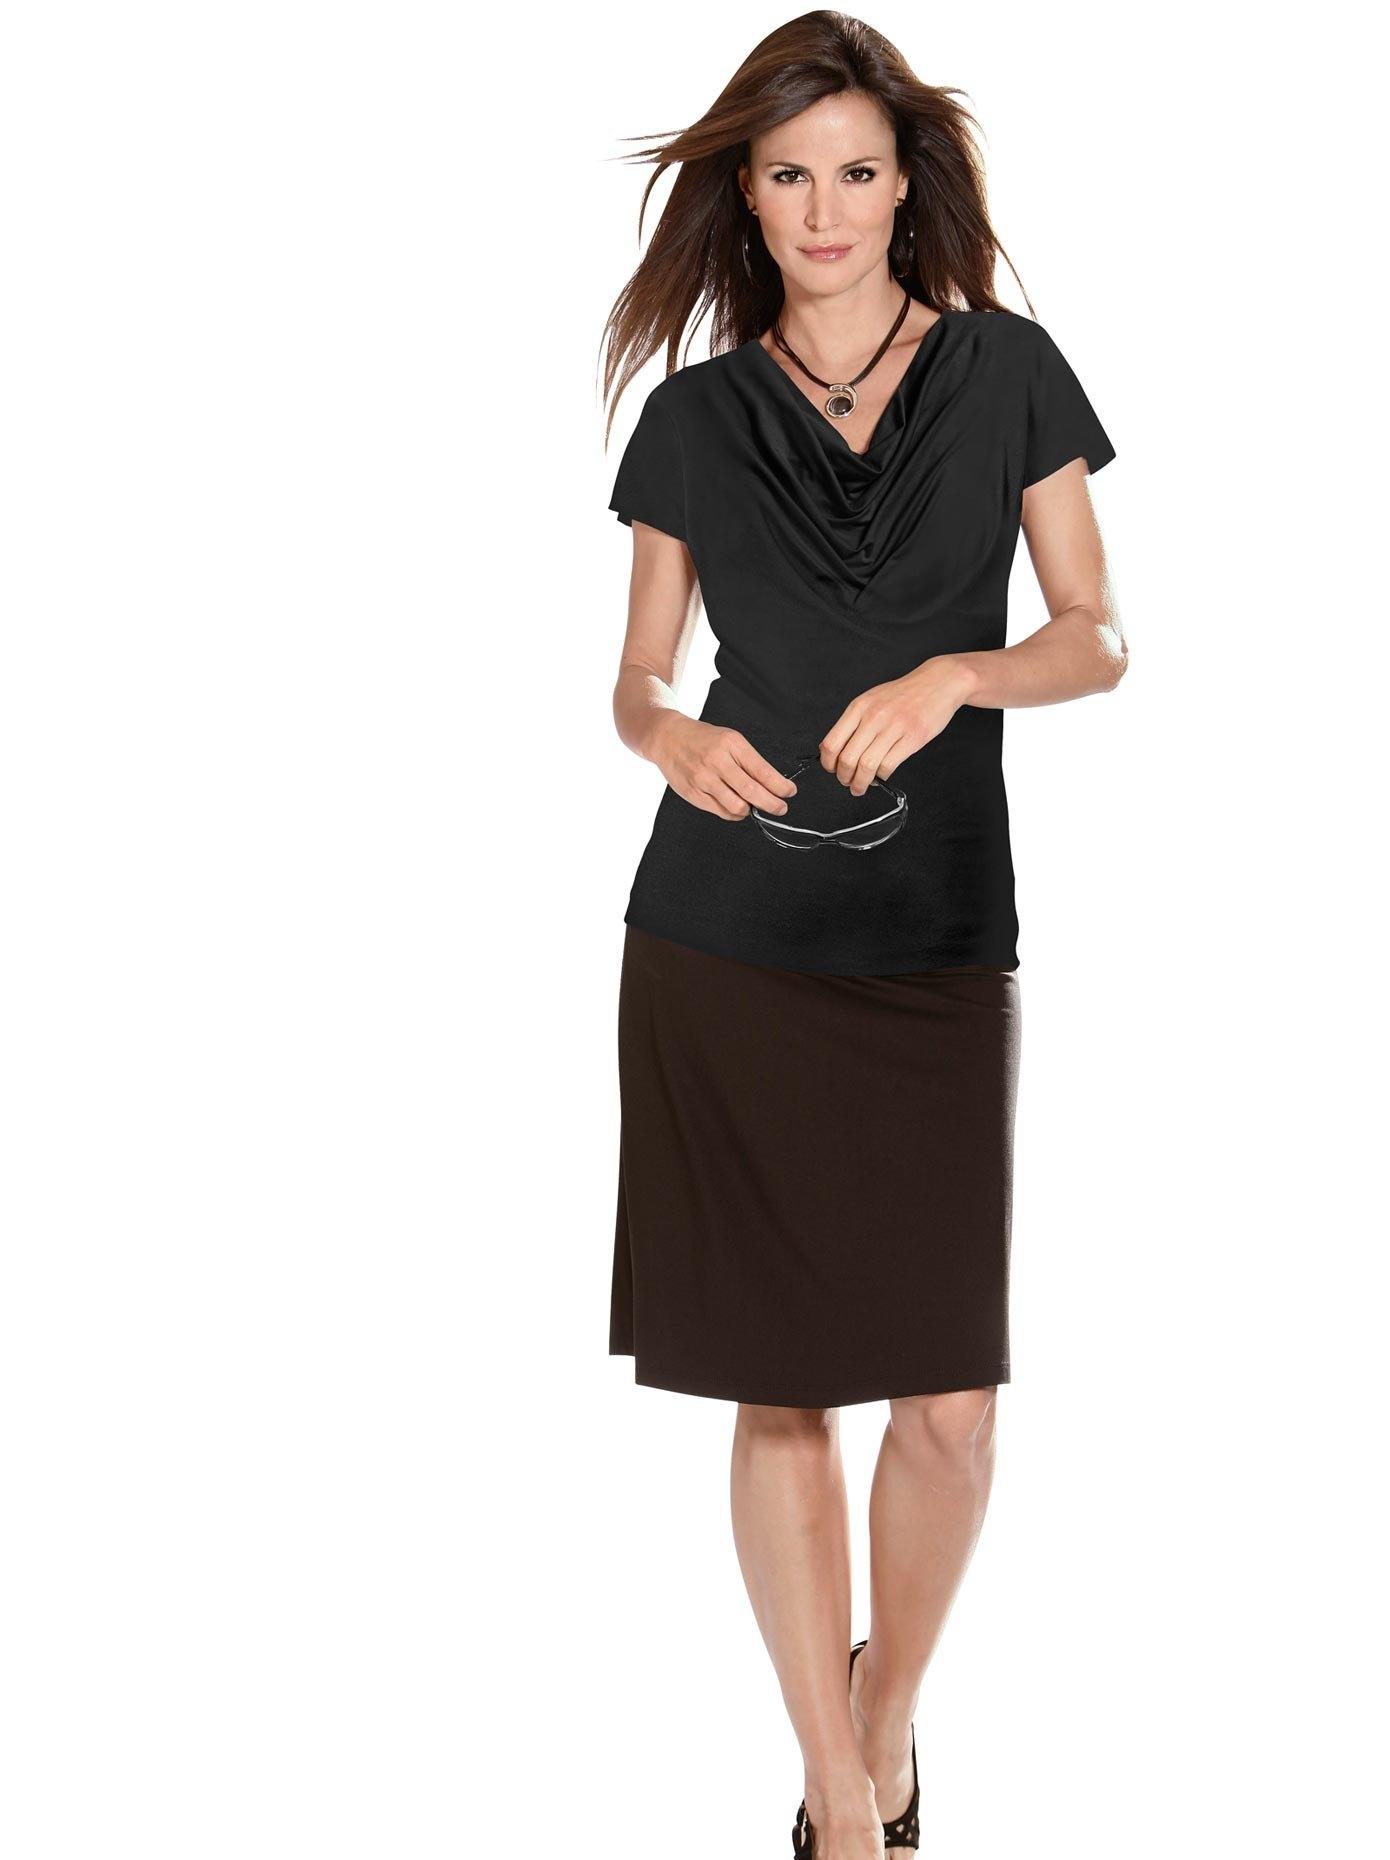 Classic Inspirationen shirt met prachtige cascadehals veilig op otto.nl kopen